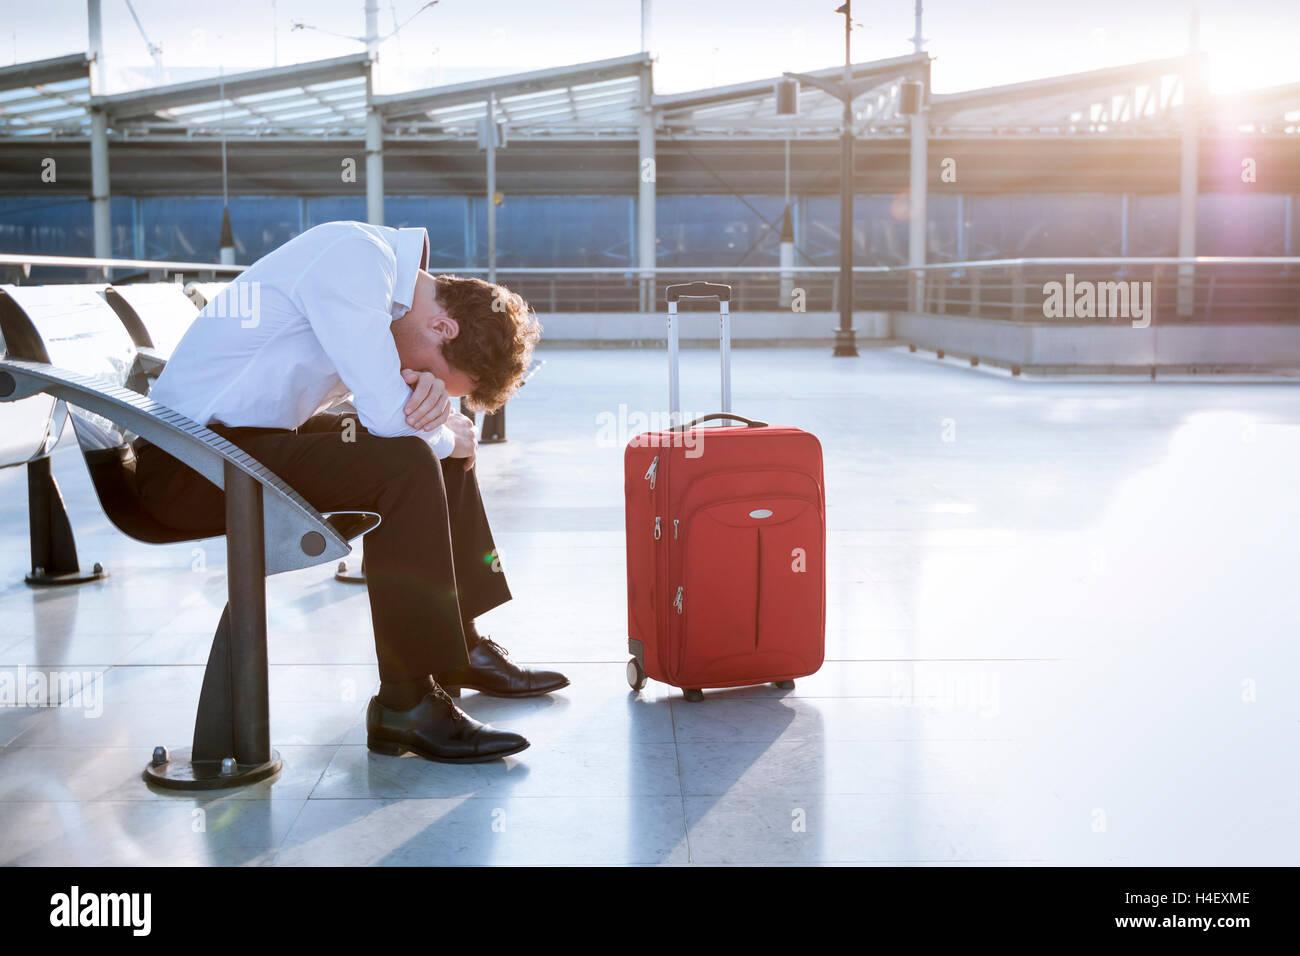 Premuto traveler in attesa in aeroporto dopo i voli ritardi e cancellazioni Immagini Stock